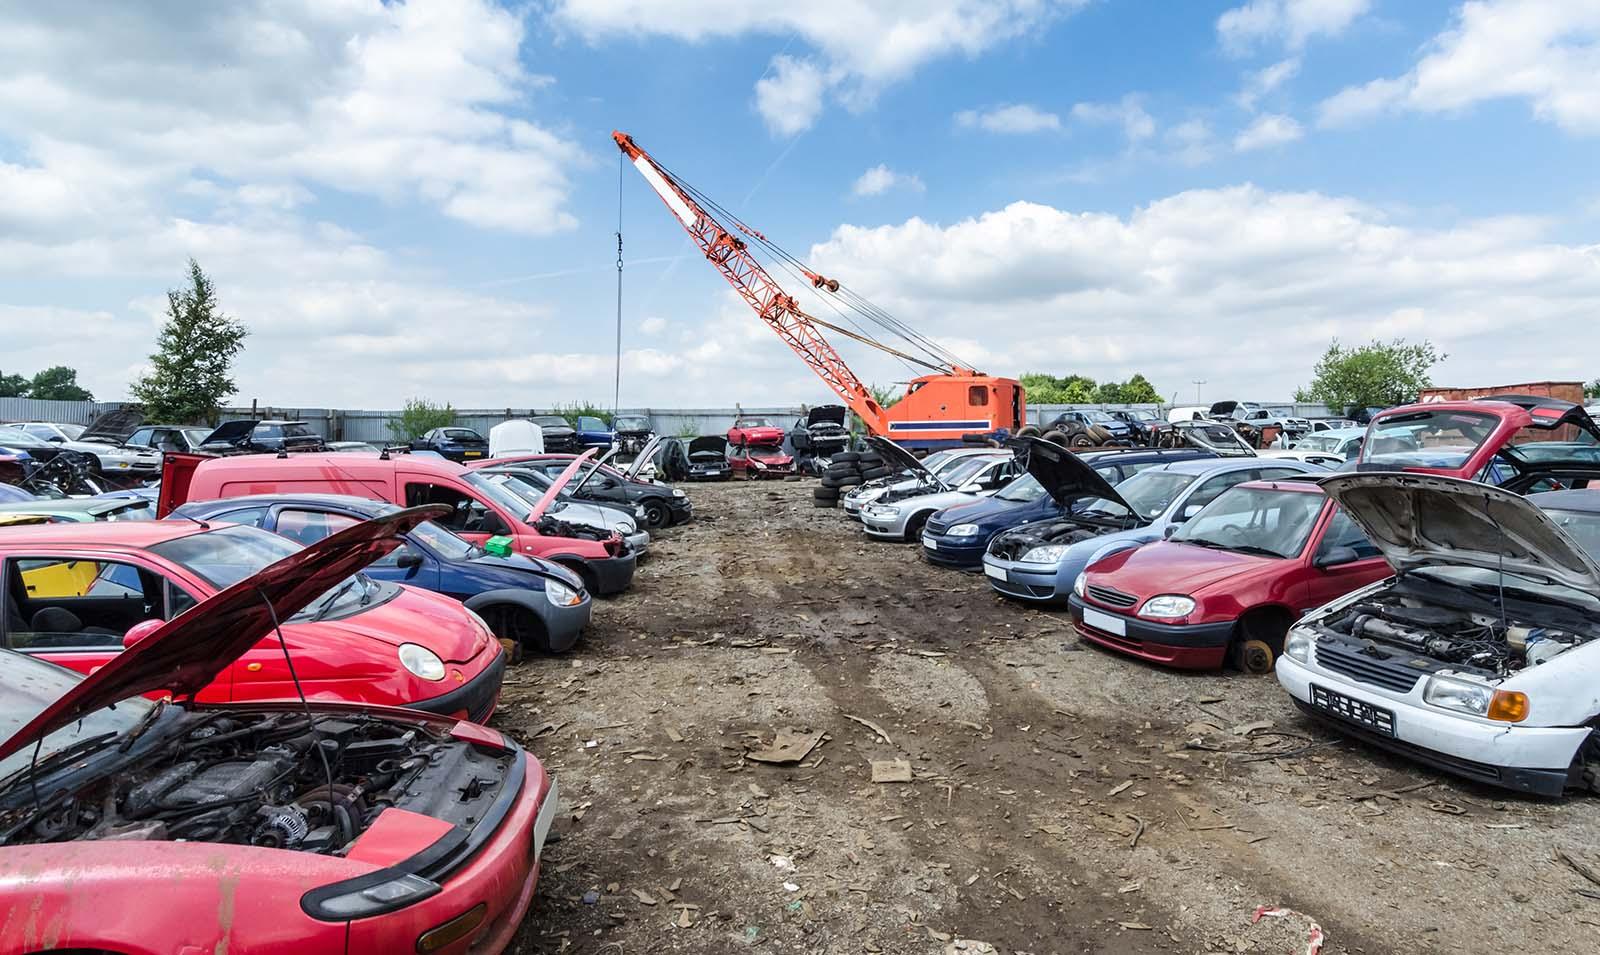 Dags att skrota bilen? Kontakta oss på bilskrot i Östergötland. Vi är er bilskrot i Östergötland.